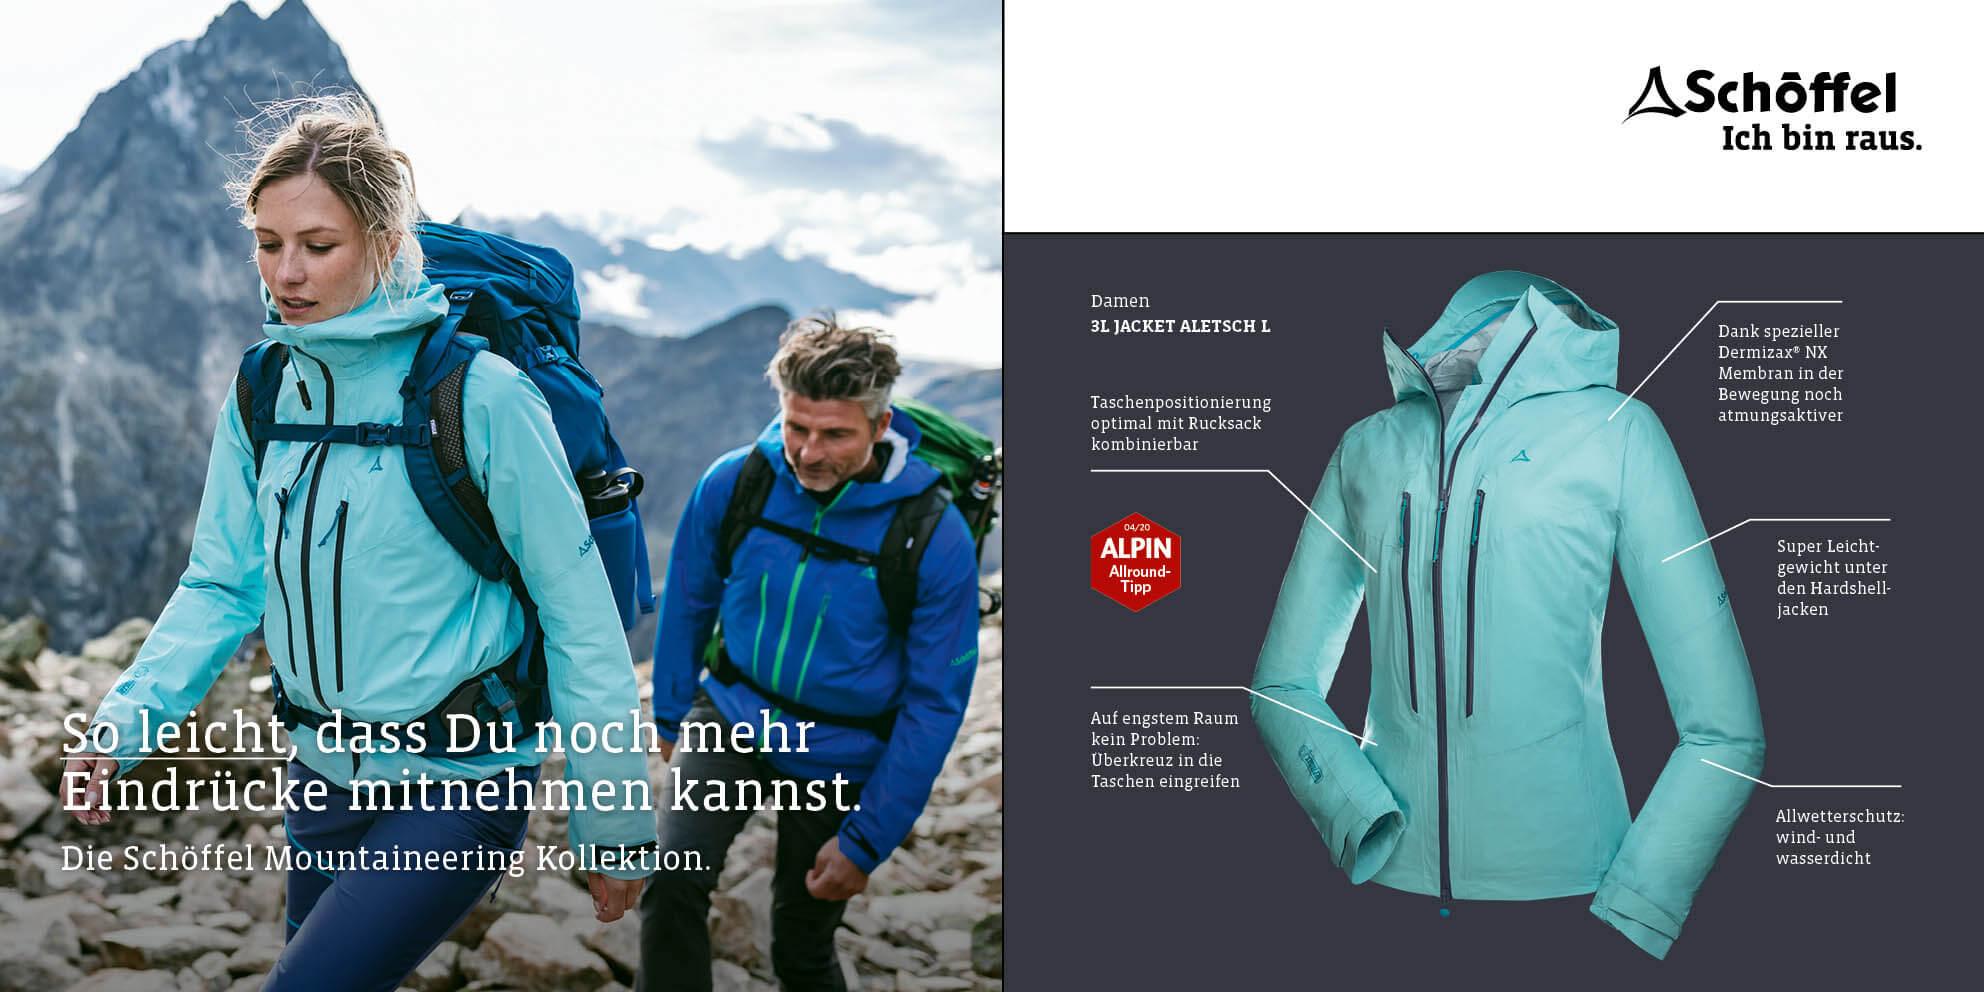 Schöffel Damen 3L Jacket Aletsch L Bekleidung World of Outdoor Sonthofen Allgäu